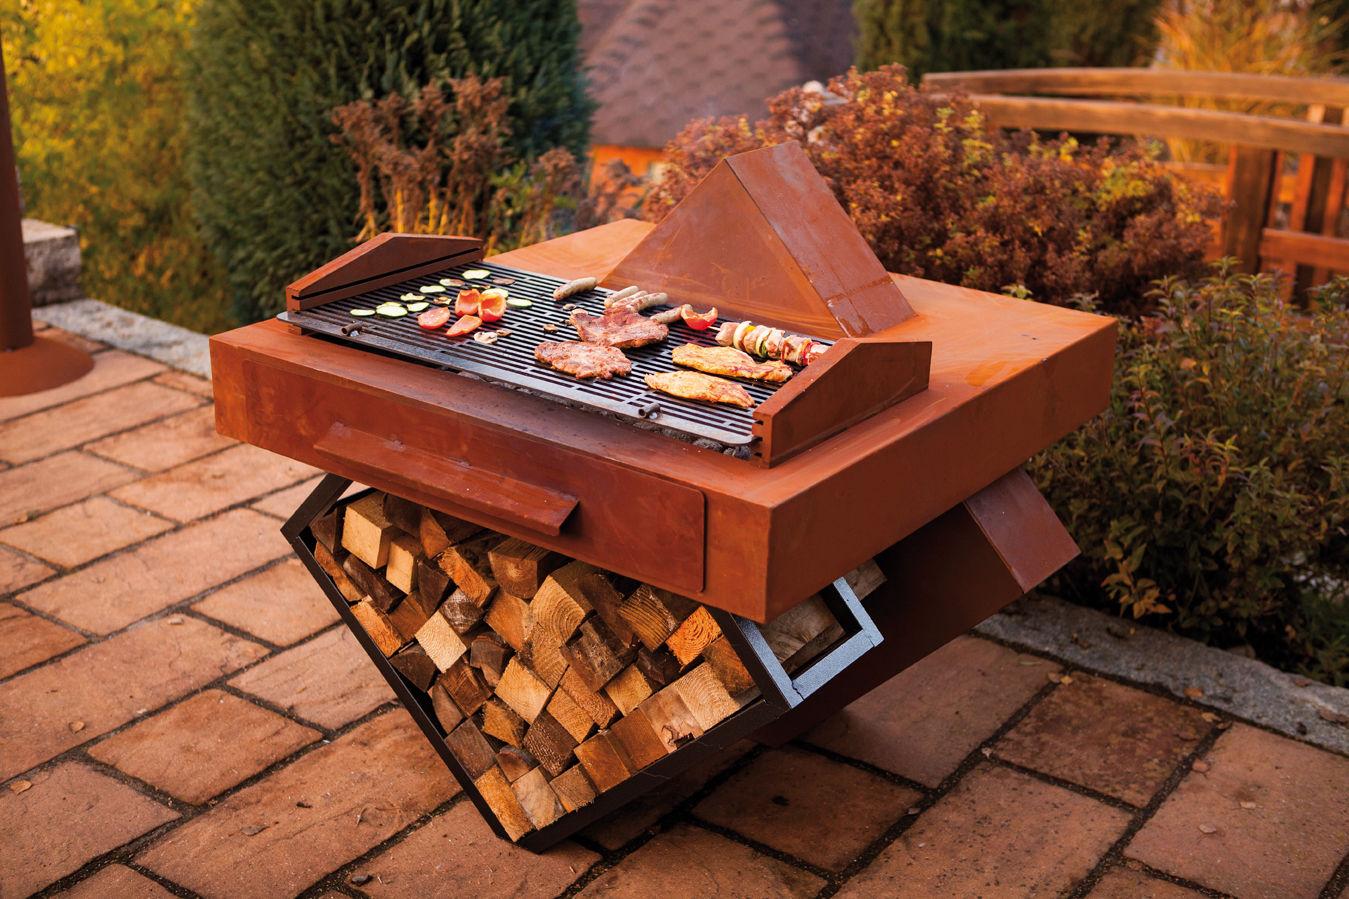 Caminetti e barbecue da giardino crowdfunding - Bbq da giardino ...